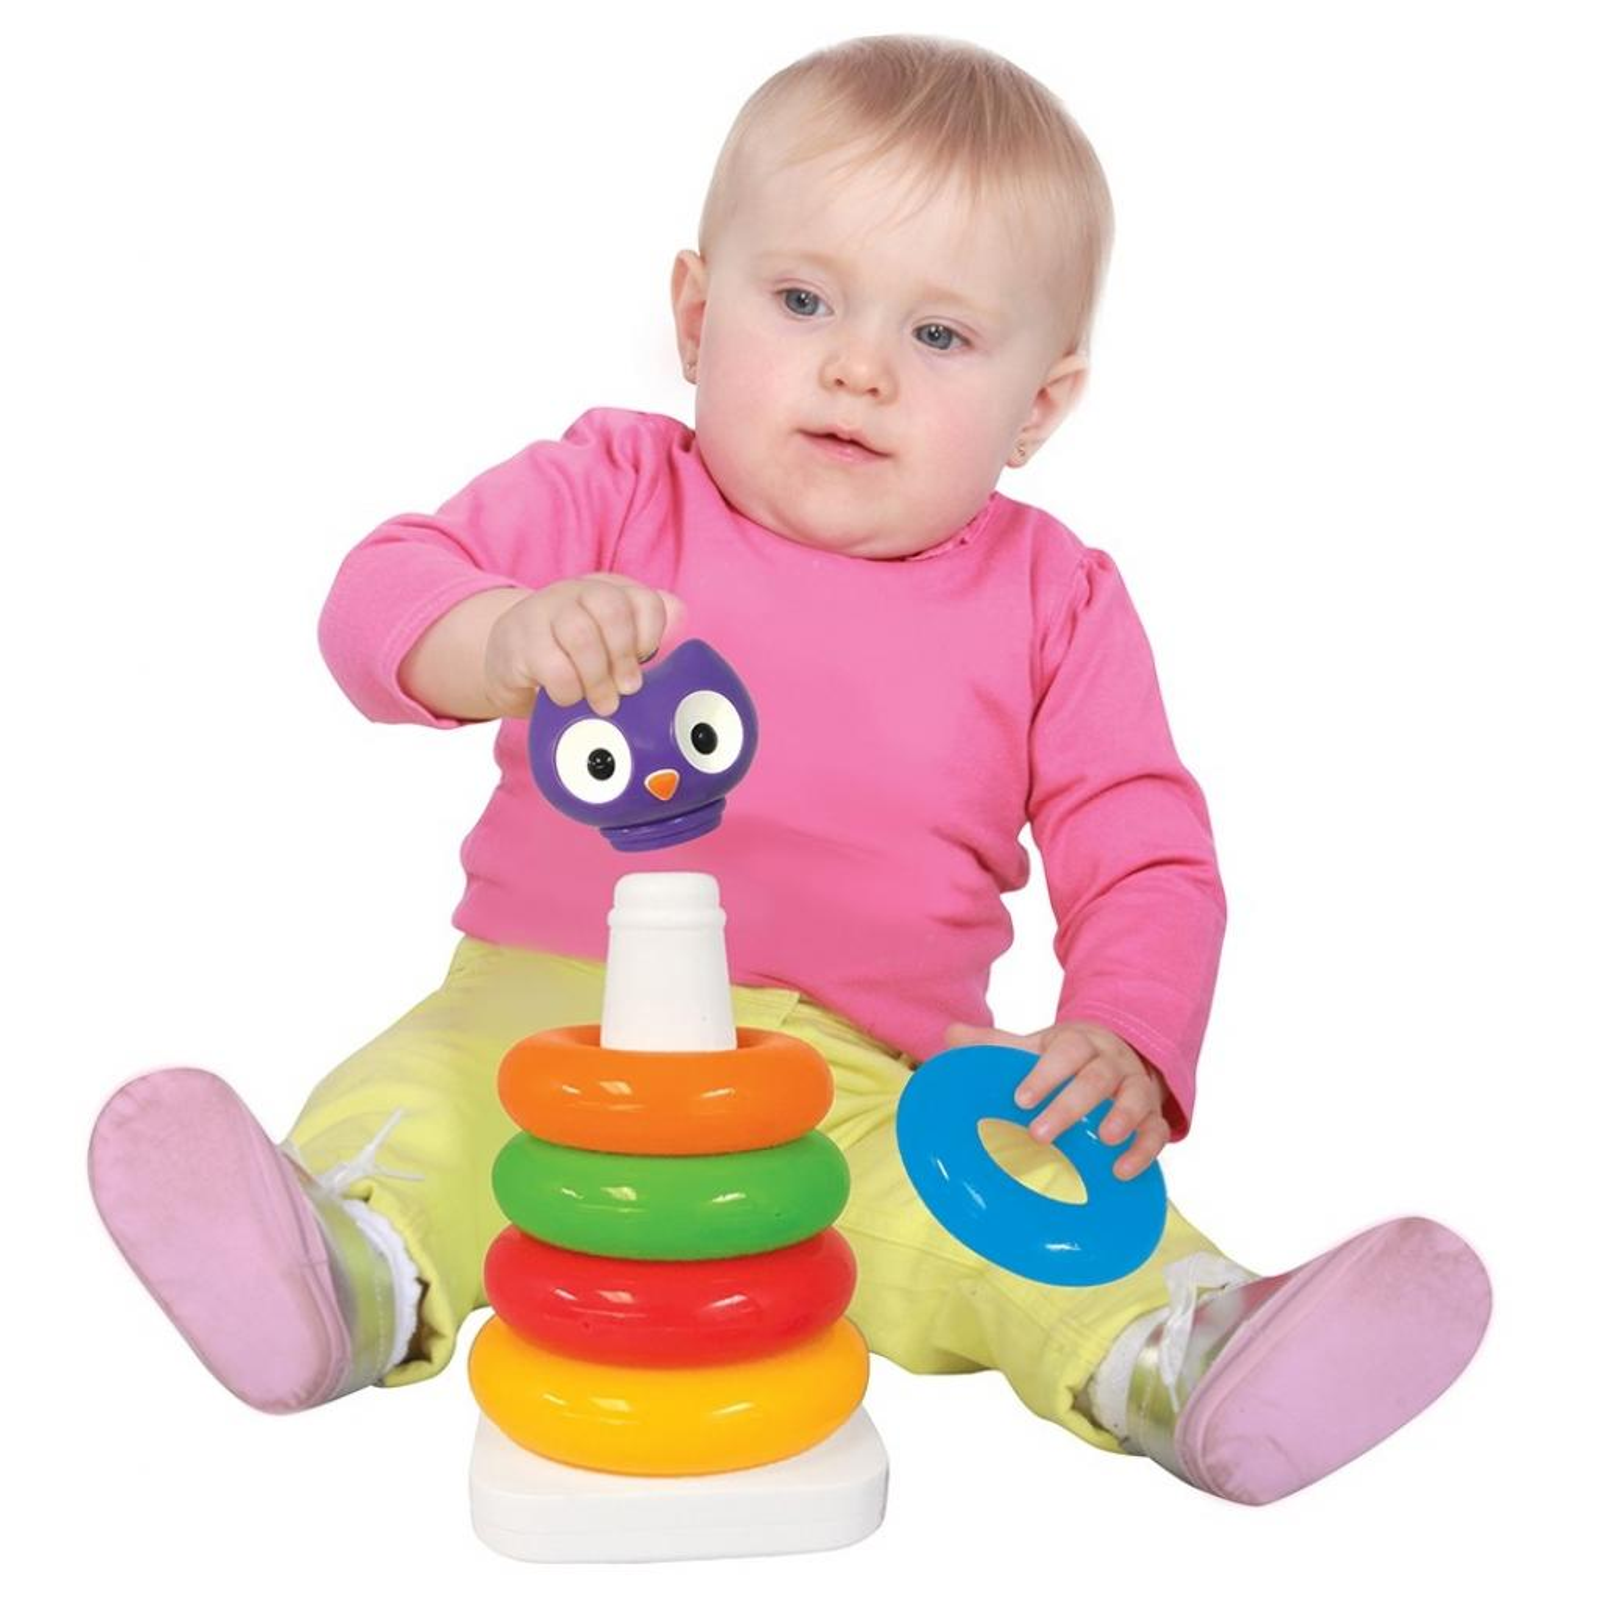 Развивающая игрушка Kiddieland Сова Пирамидка (057901) изображение 2